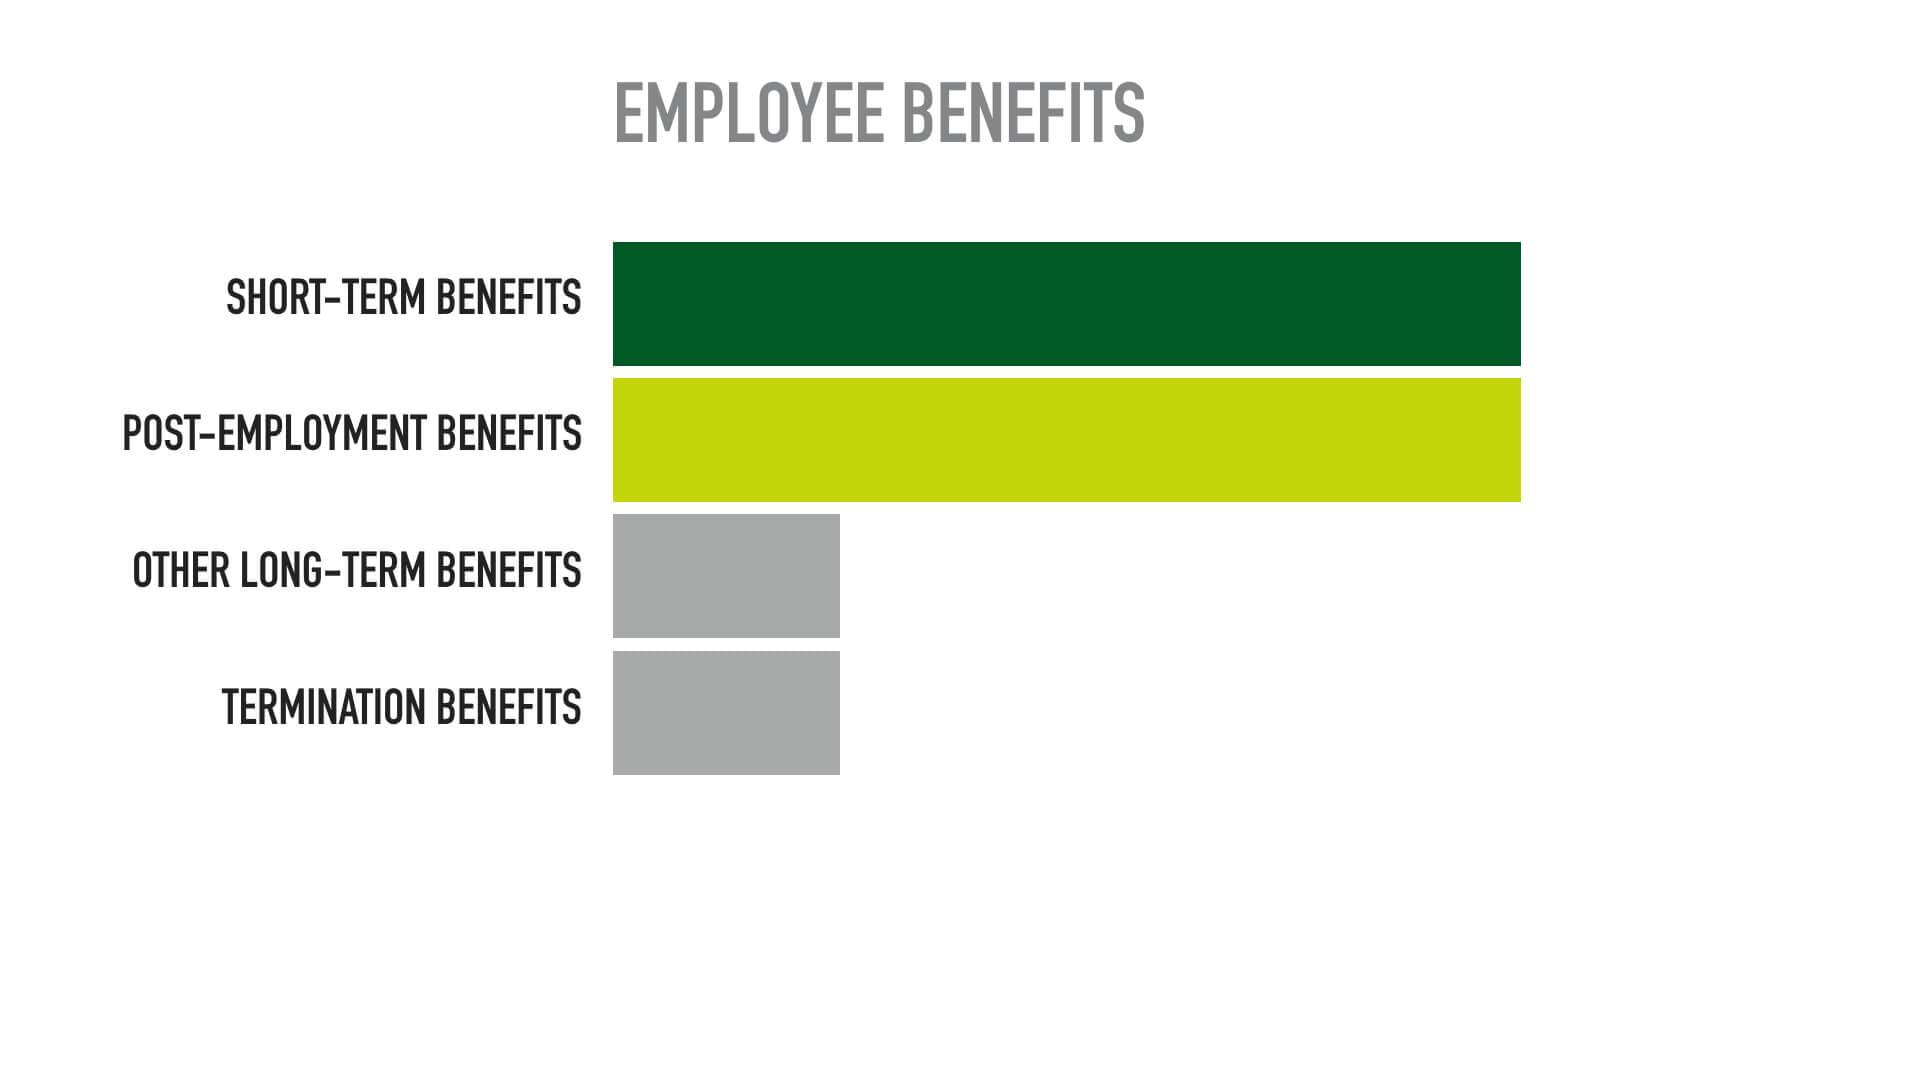 Employee benefits là gì